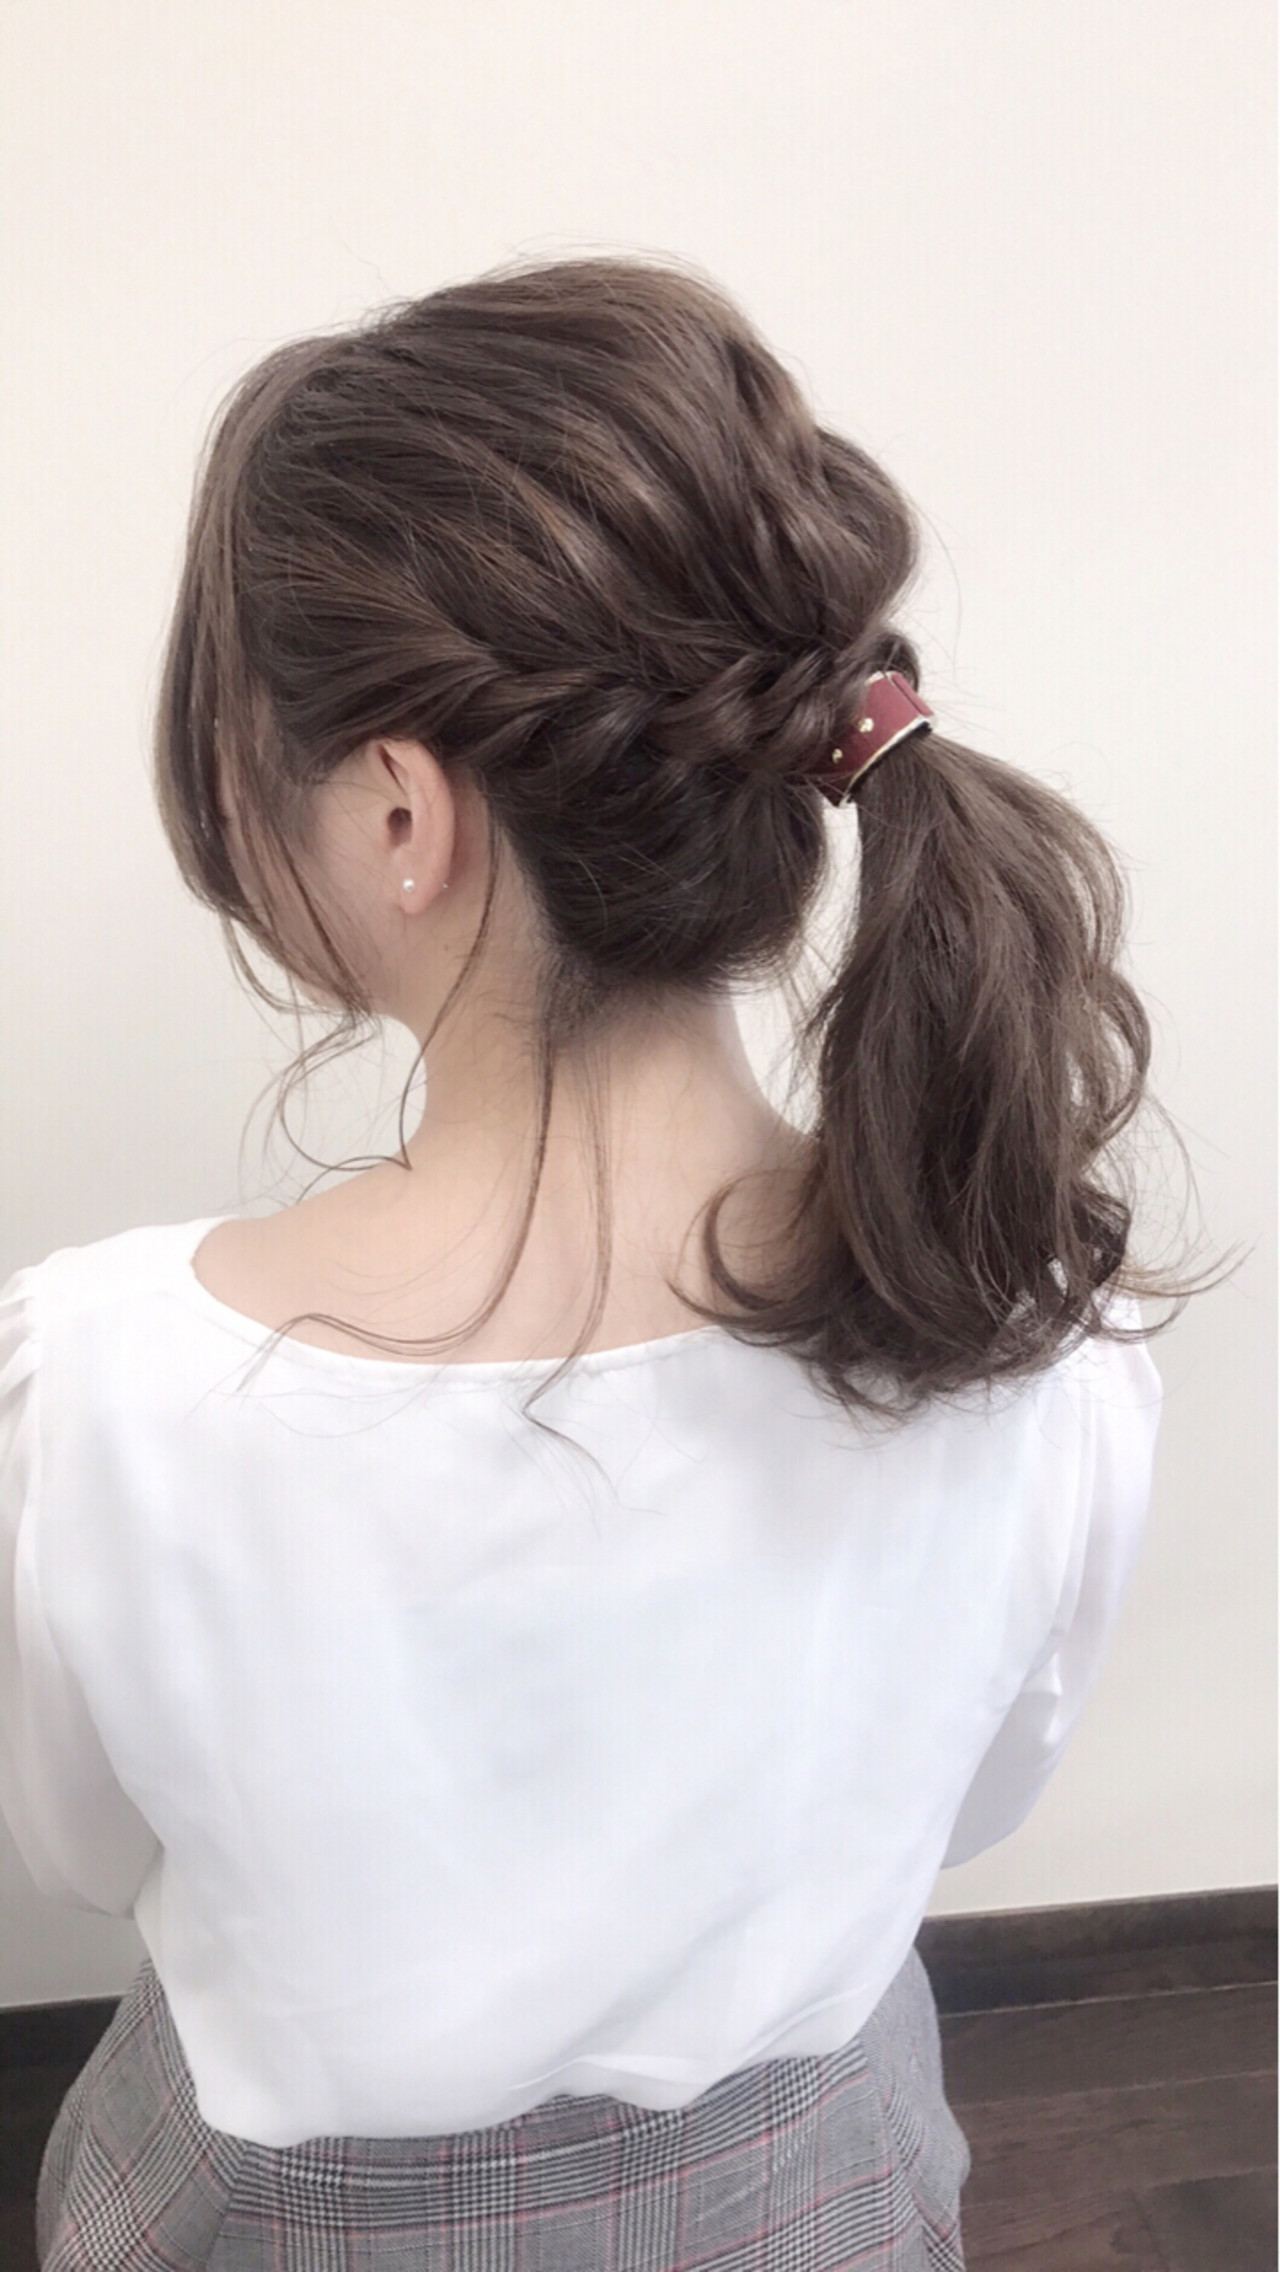 ヘアアレンジ フェミニン 簡単ヘアアレンジ セミロング ヘアスタイルや髪型の写真・画像